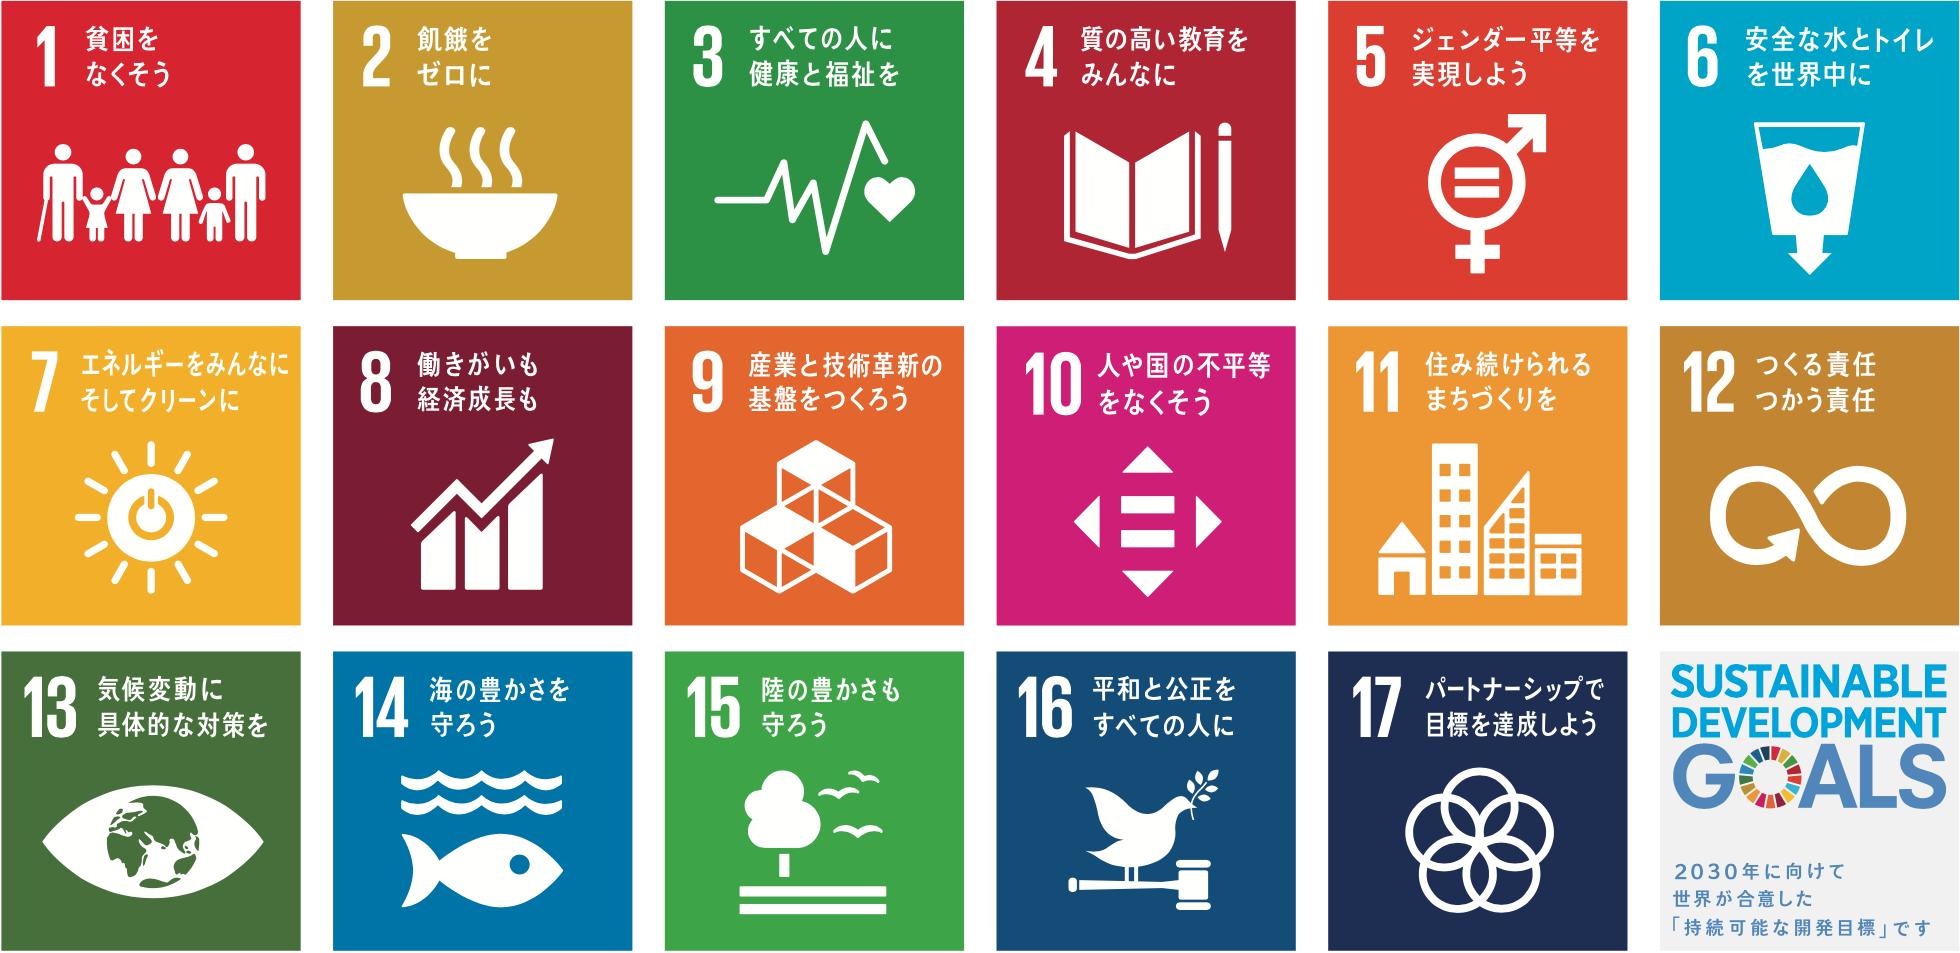 SDGs講演会講師